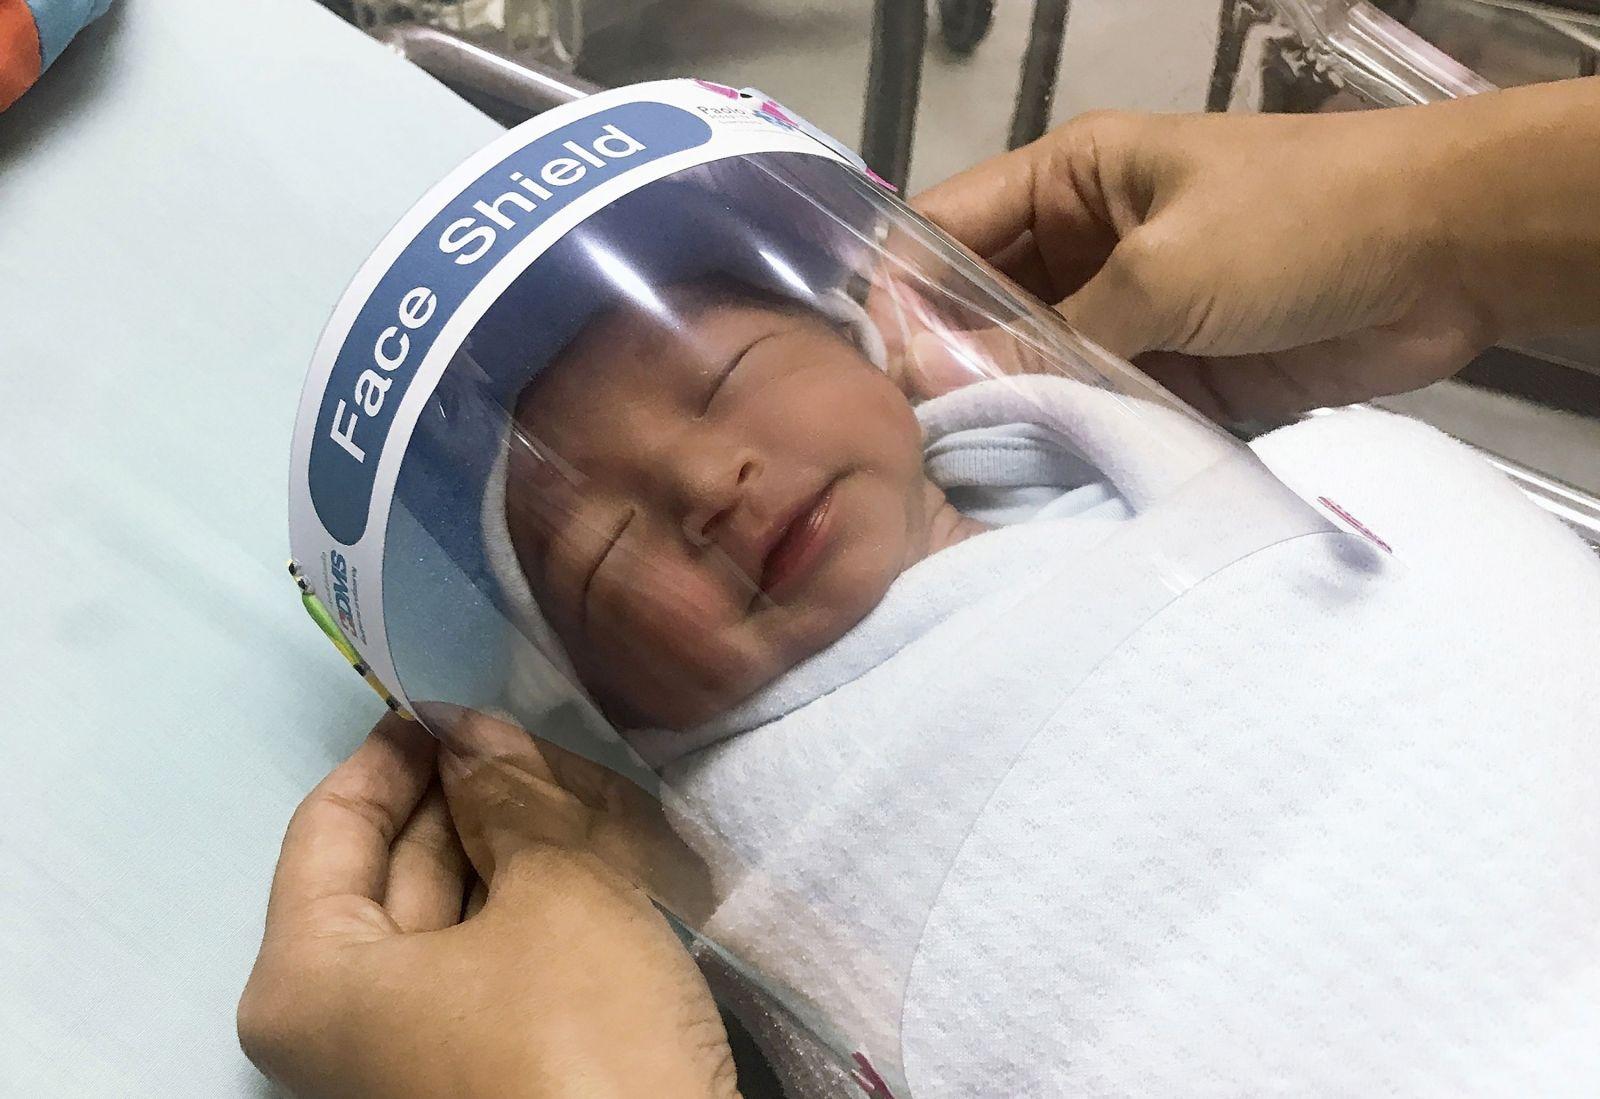 Bábätká v Thajsku majú ochrannú masku na tvár, aby sa chránili pred koronavírusom